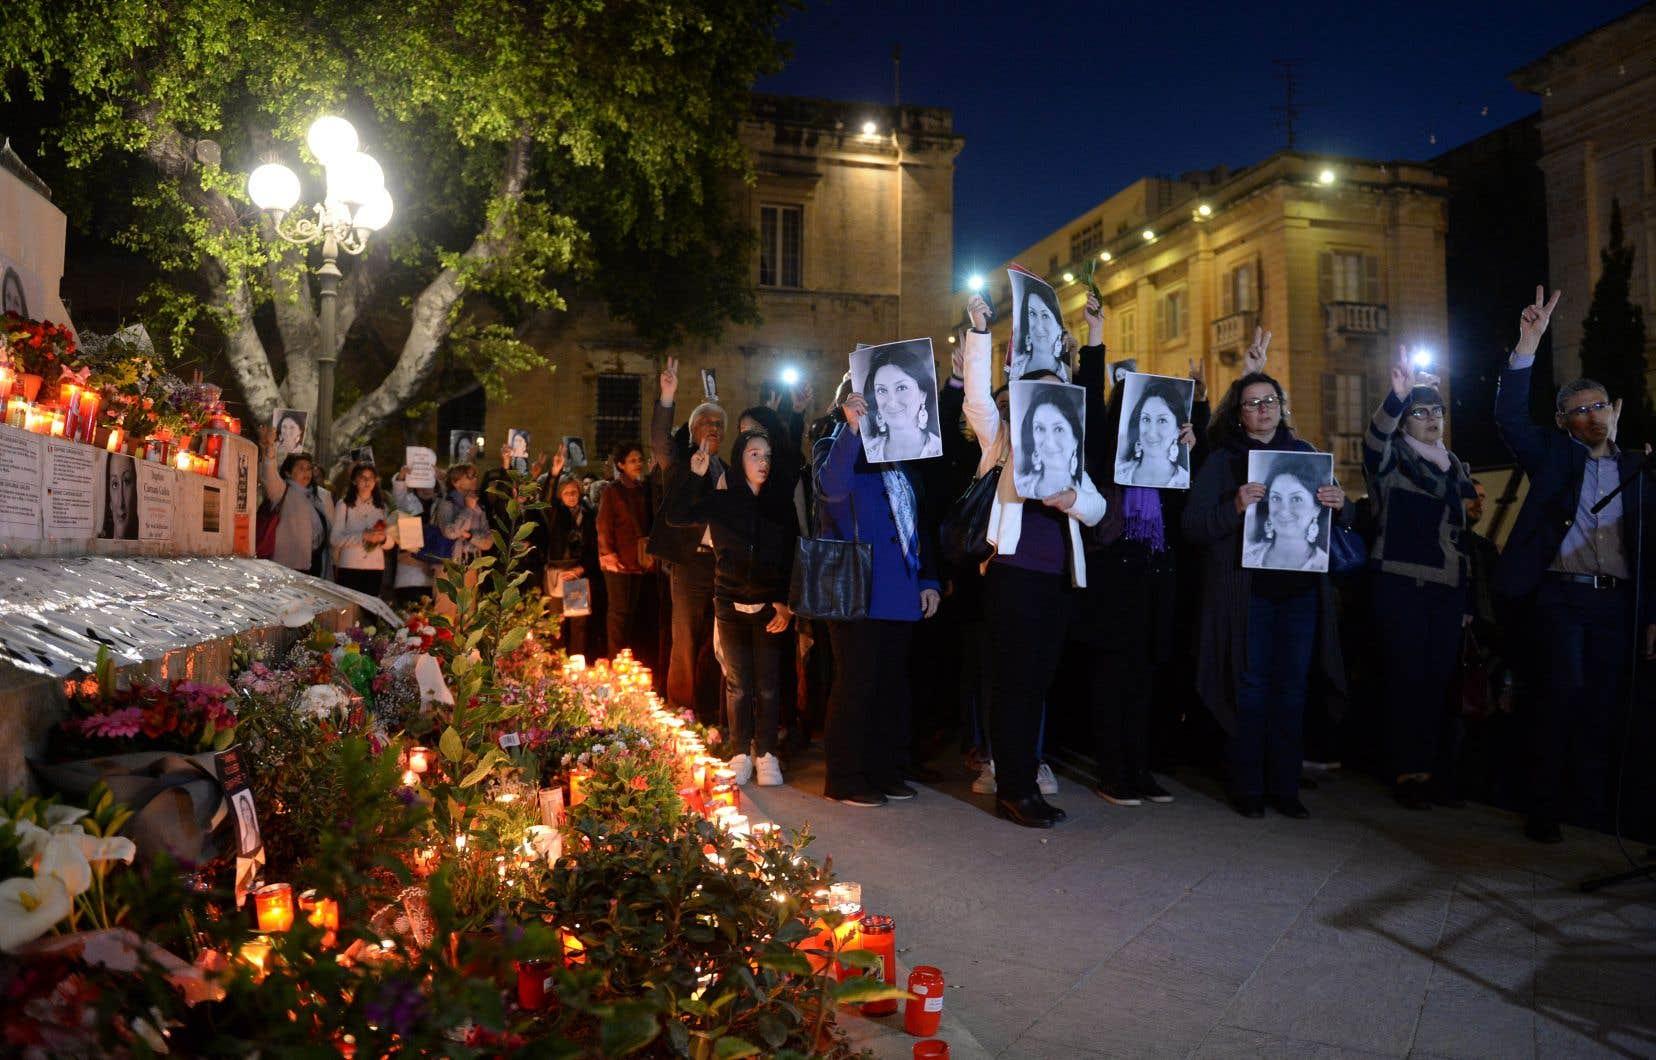 Des citoyens se sont réunis devant le tribunal de La Valette lundi pour rendre hommage à la journaliste Daphne Caruana Galizia, six mois après son assassinat.